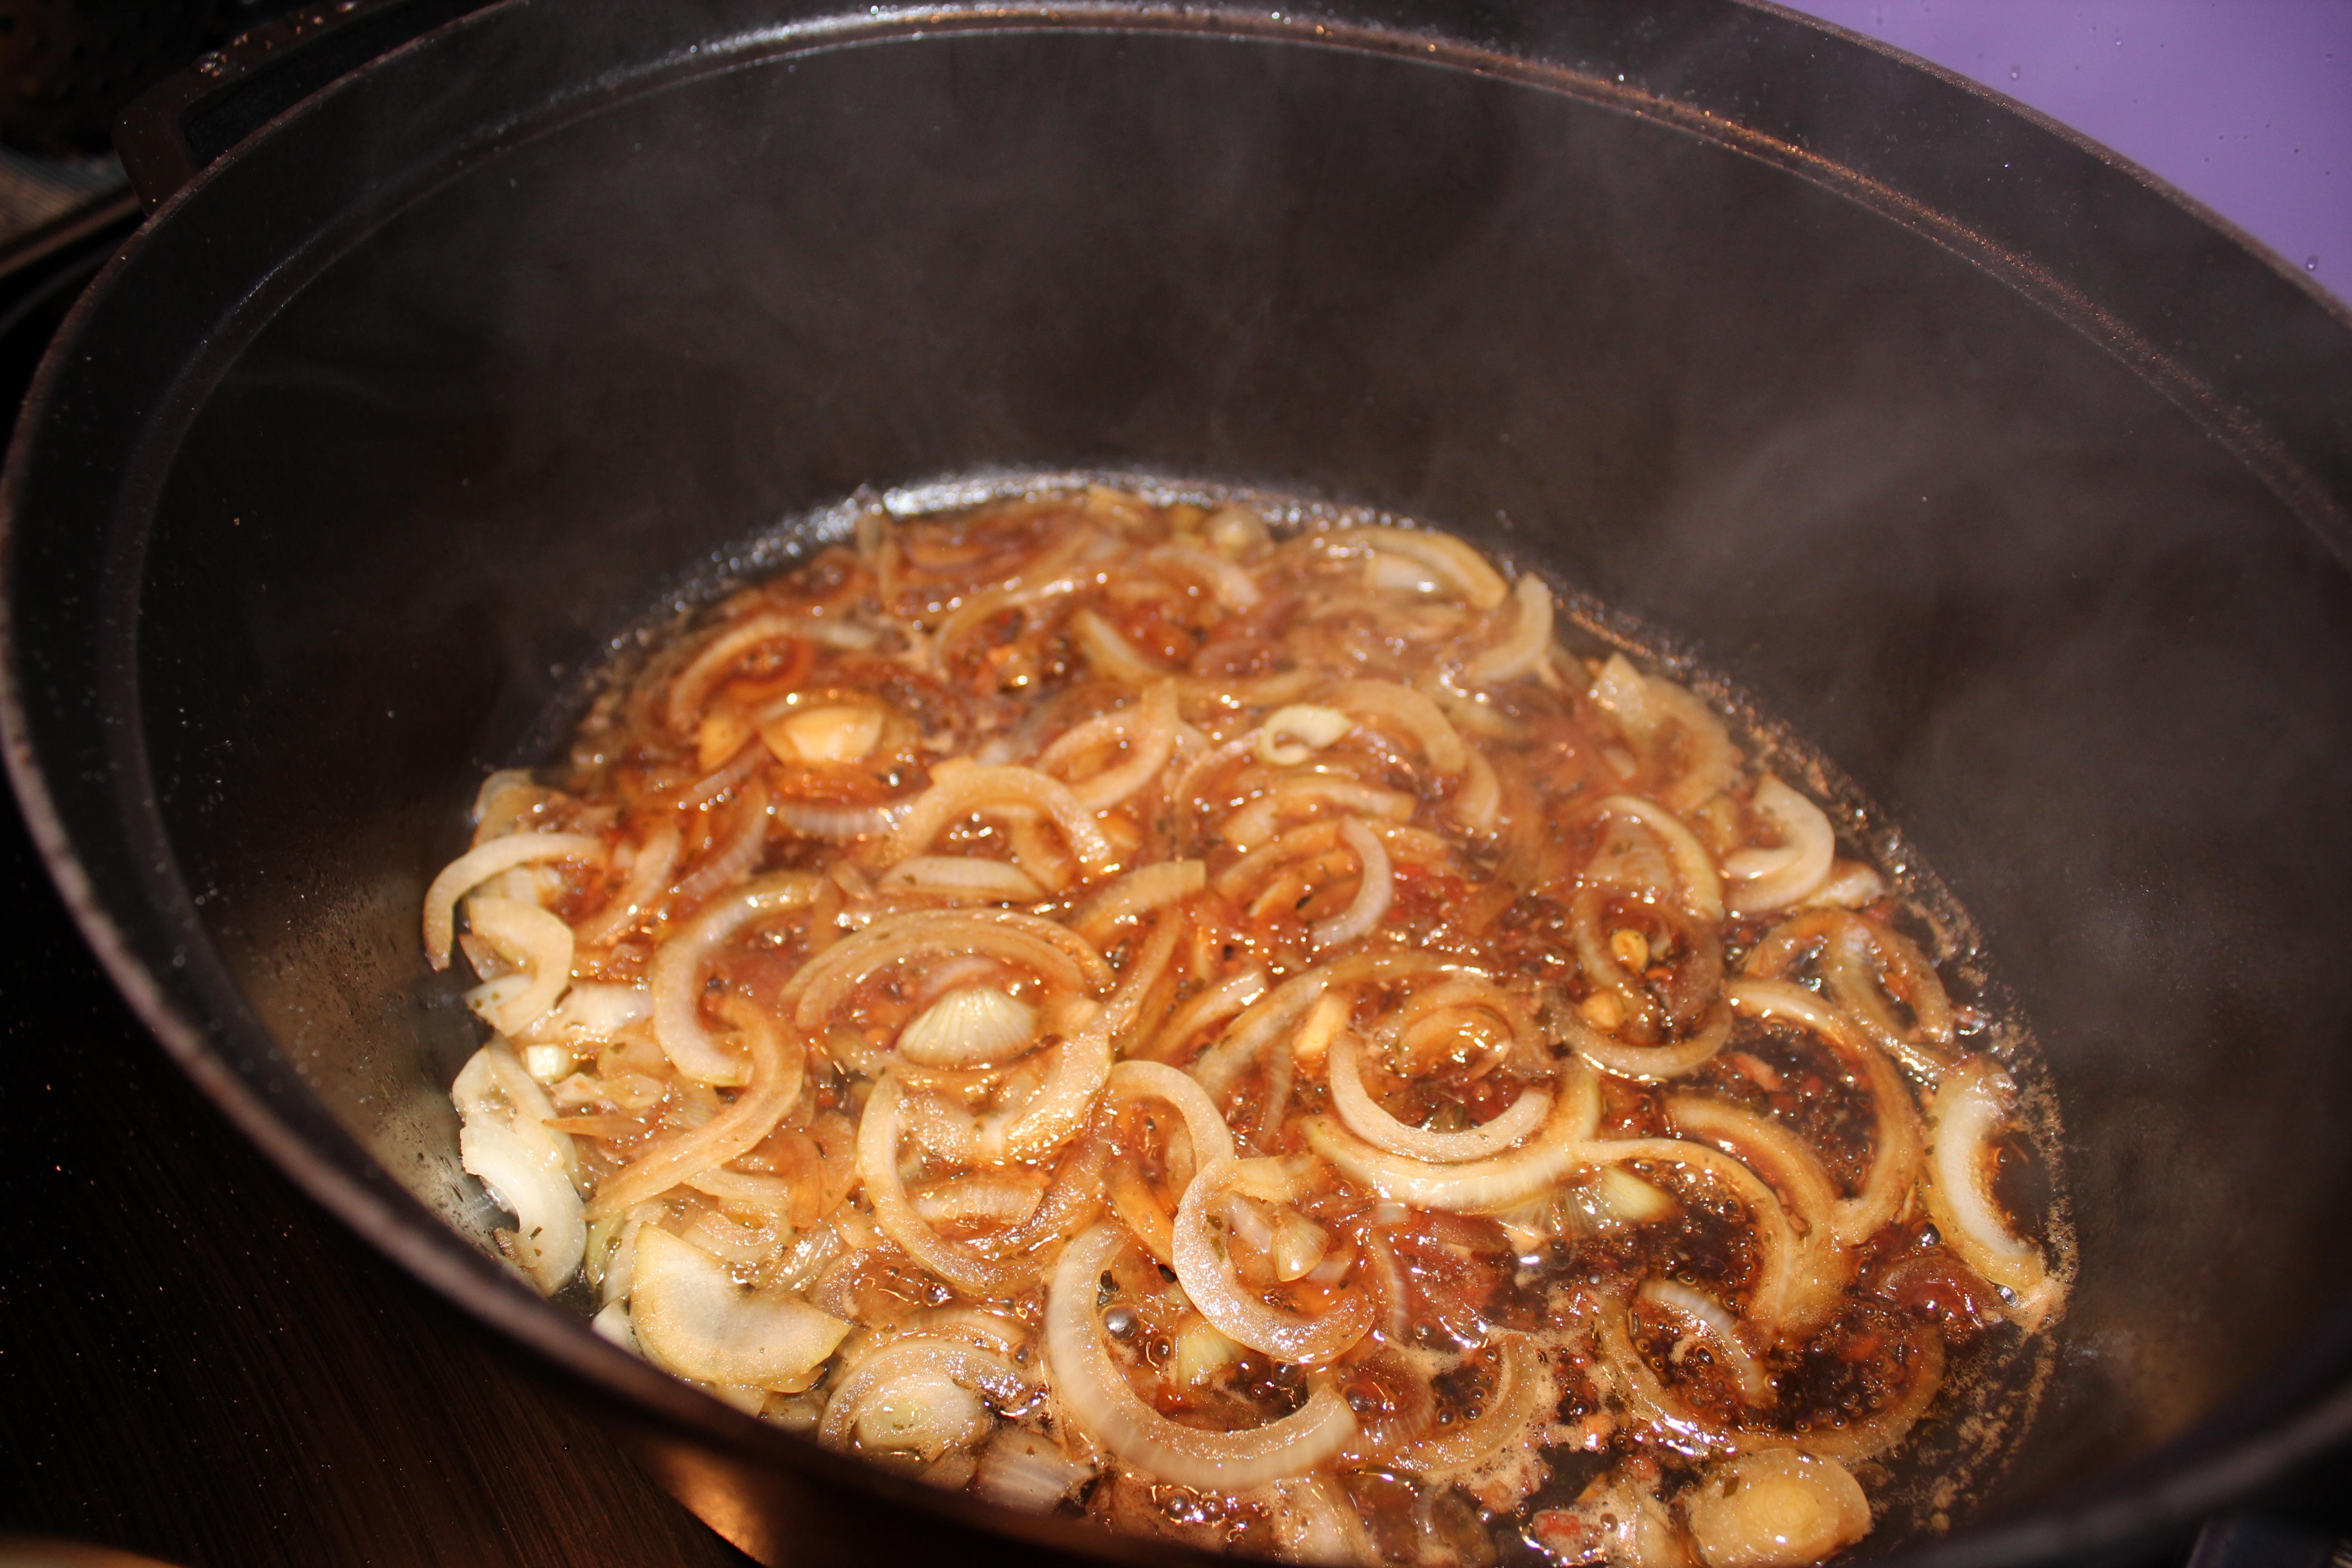 15 Minuten 15 Minuten Wie Lange Sind Bei Jamie Oliver Bitte 15